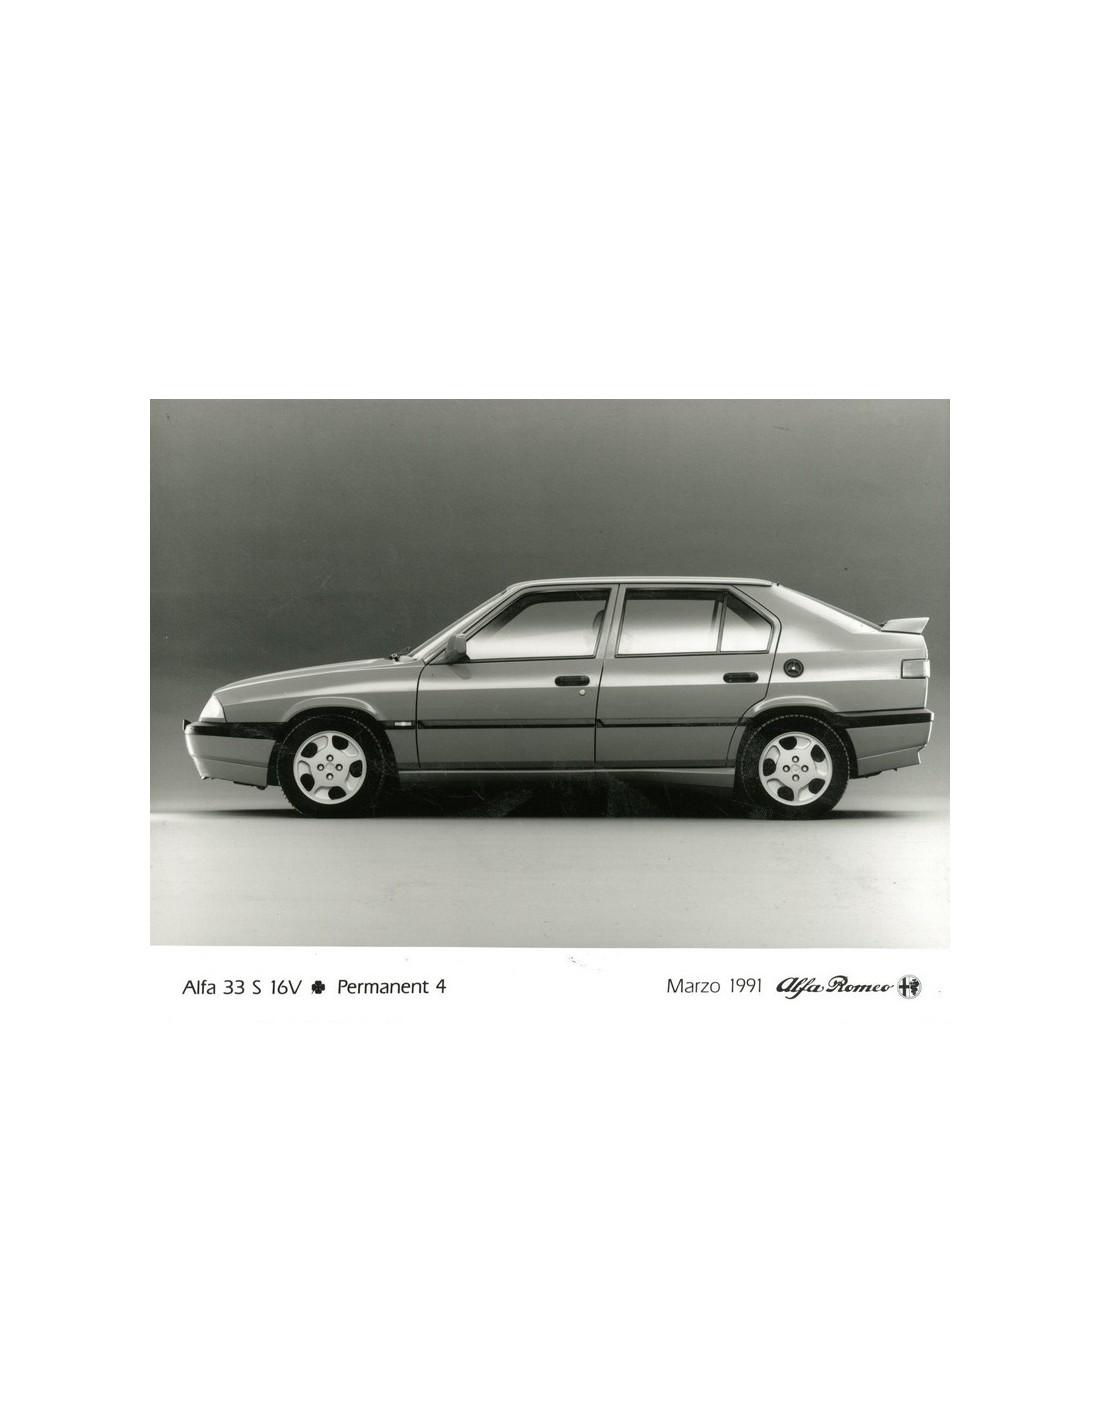 1991 Alfa Romeo 33 S 16v Qv Permanent 4 Persfoto